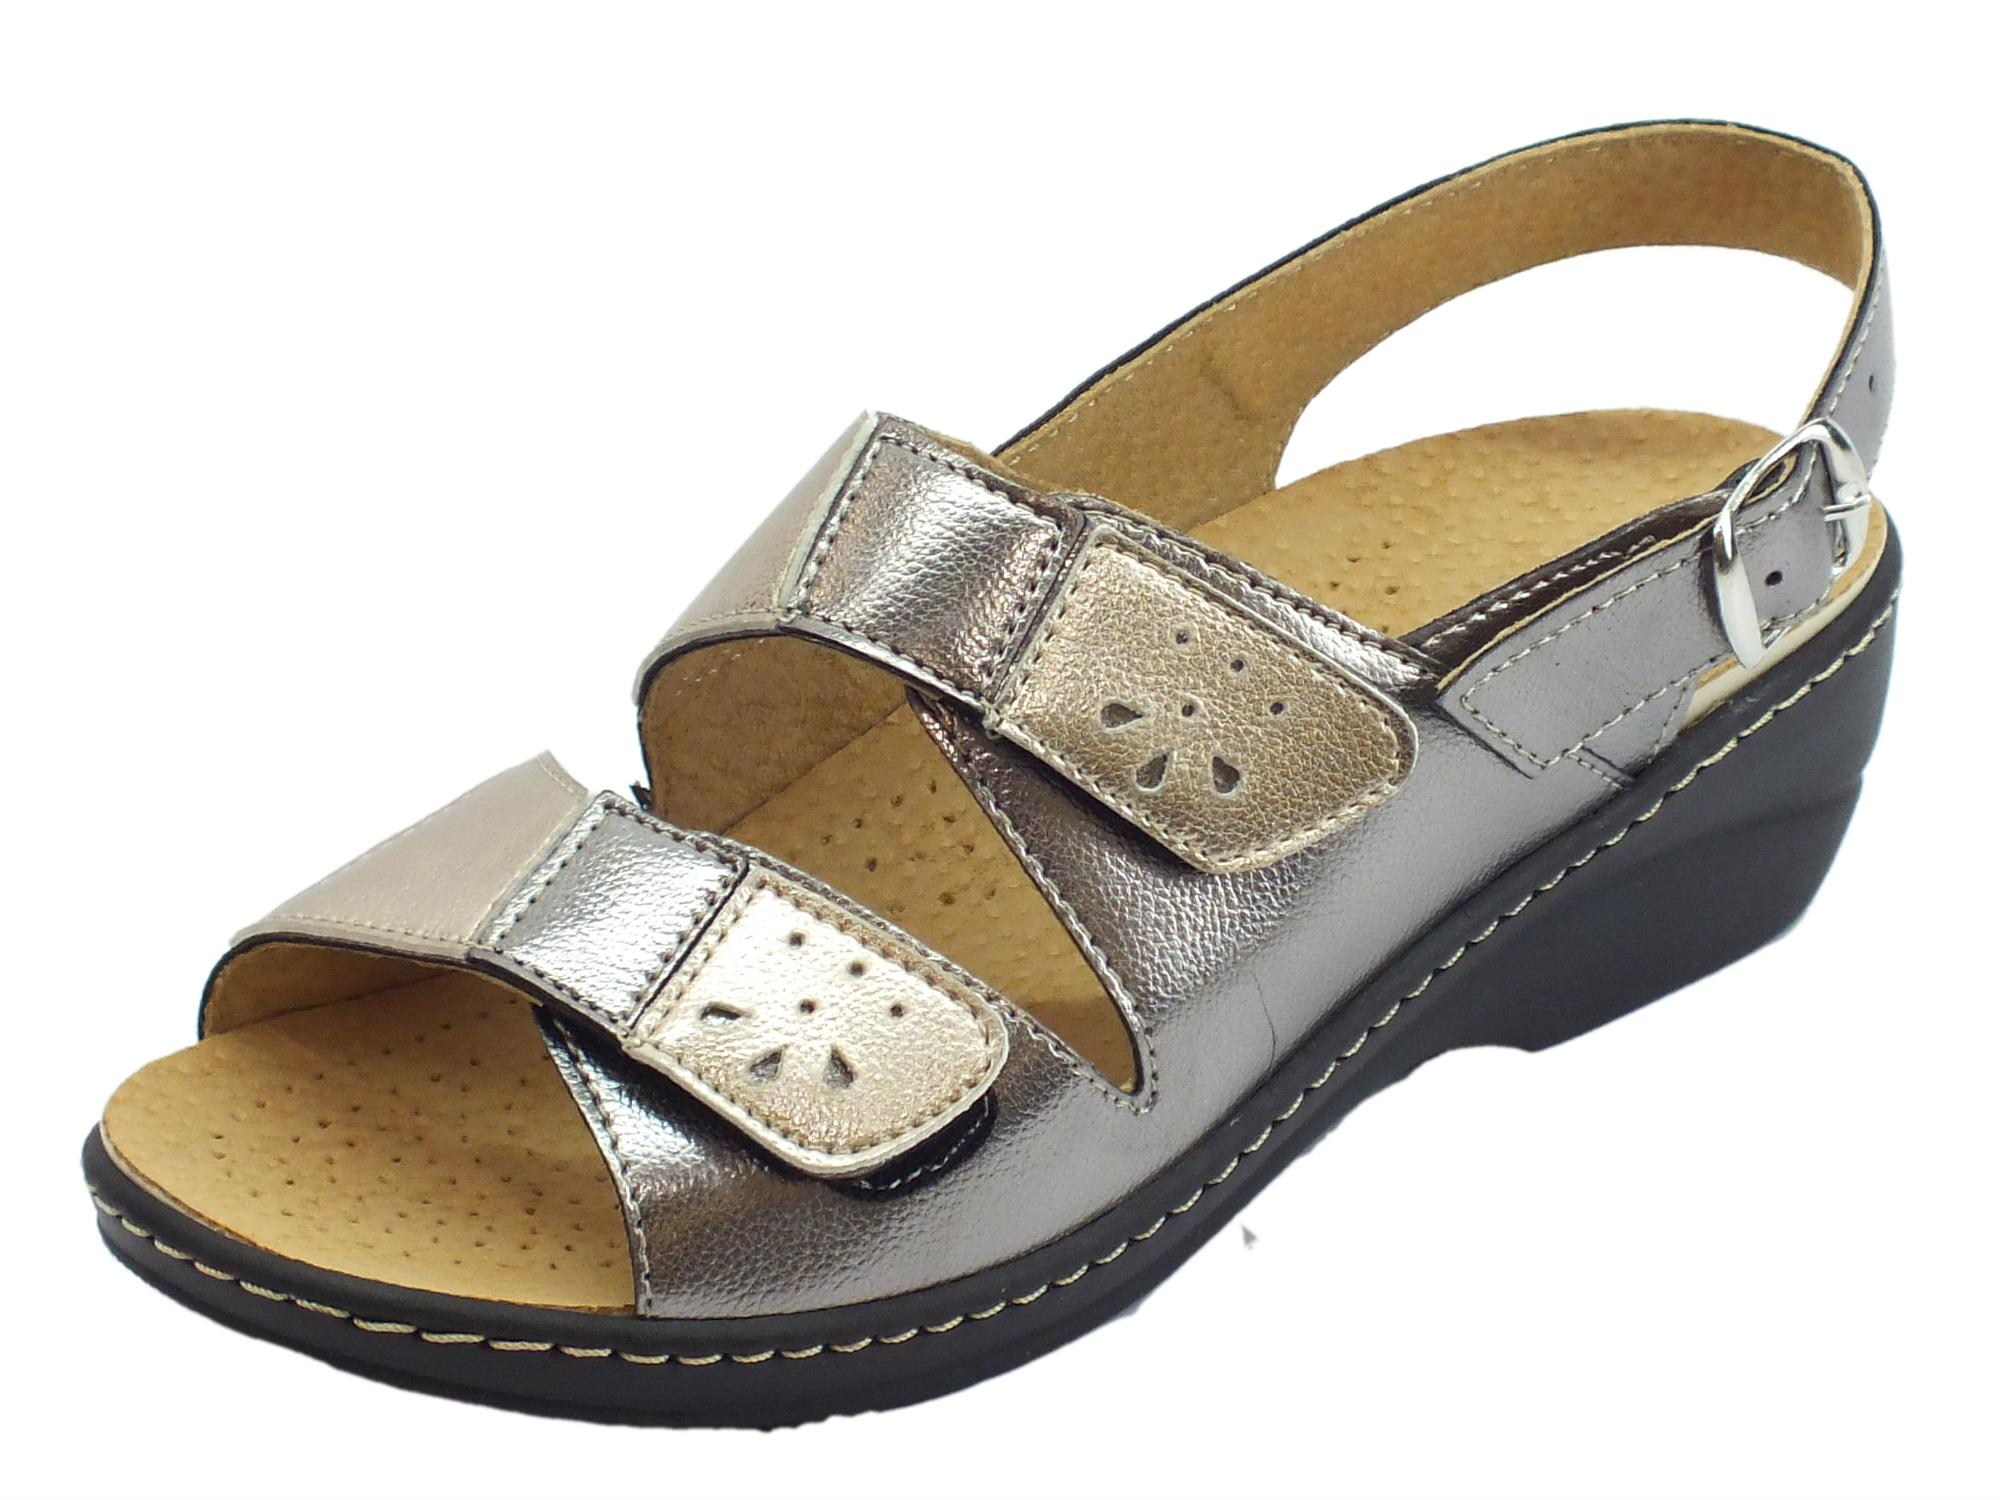 1730af0e50a49 Cinzia Soft sandali linea comoda doppio stretch e fibbietta sottopiede pelle